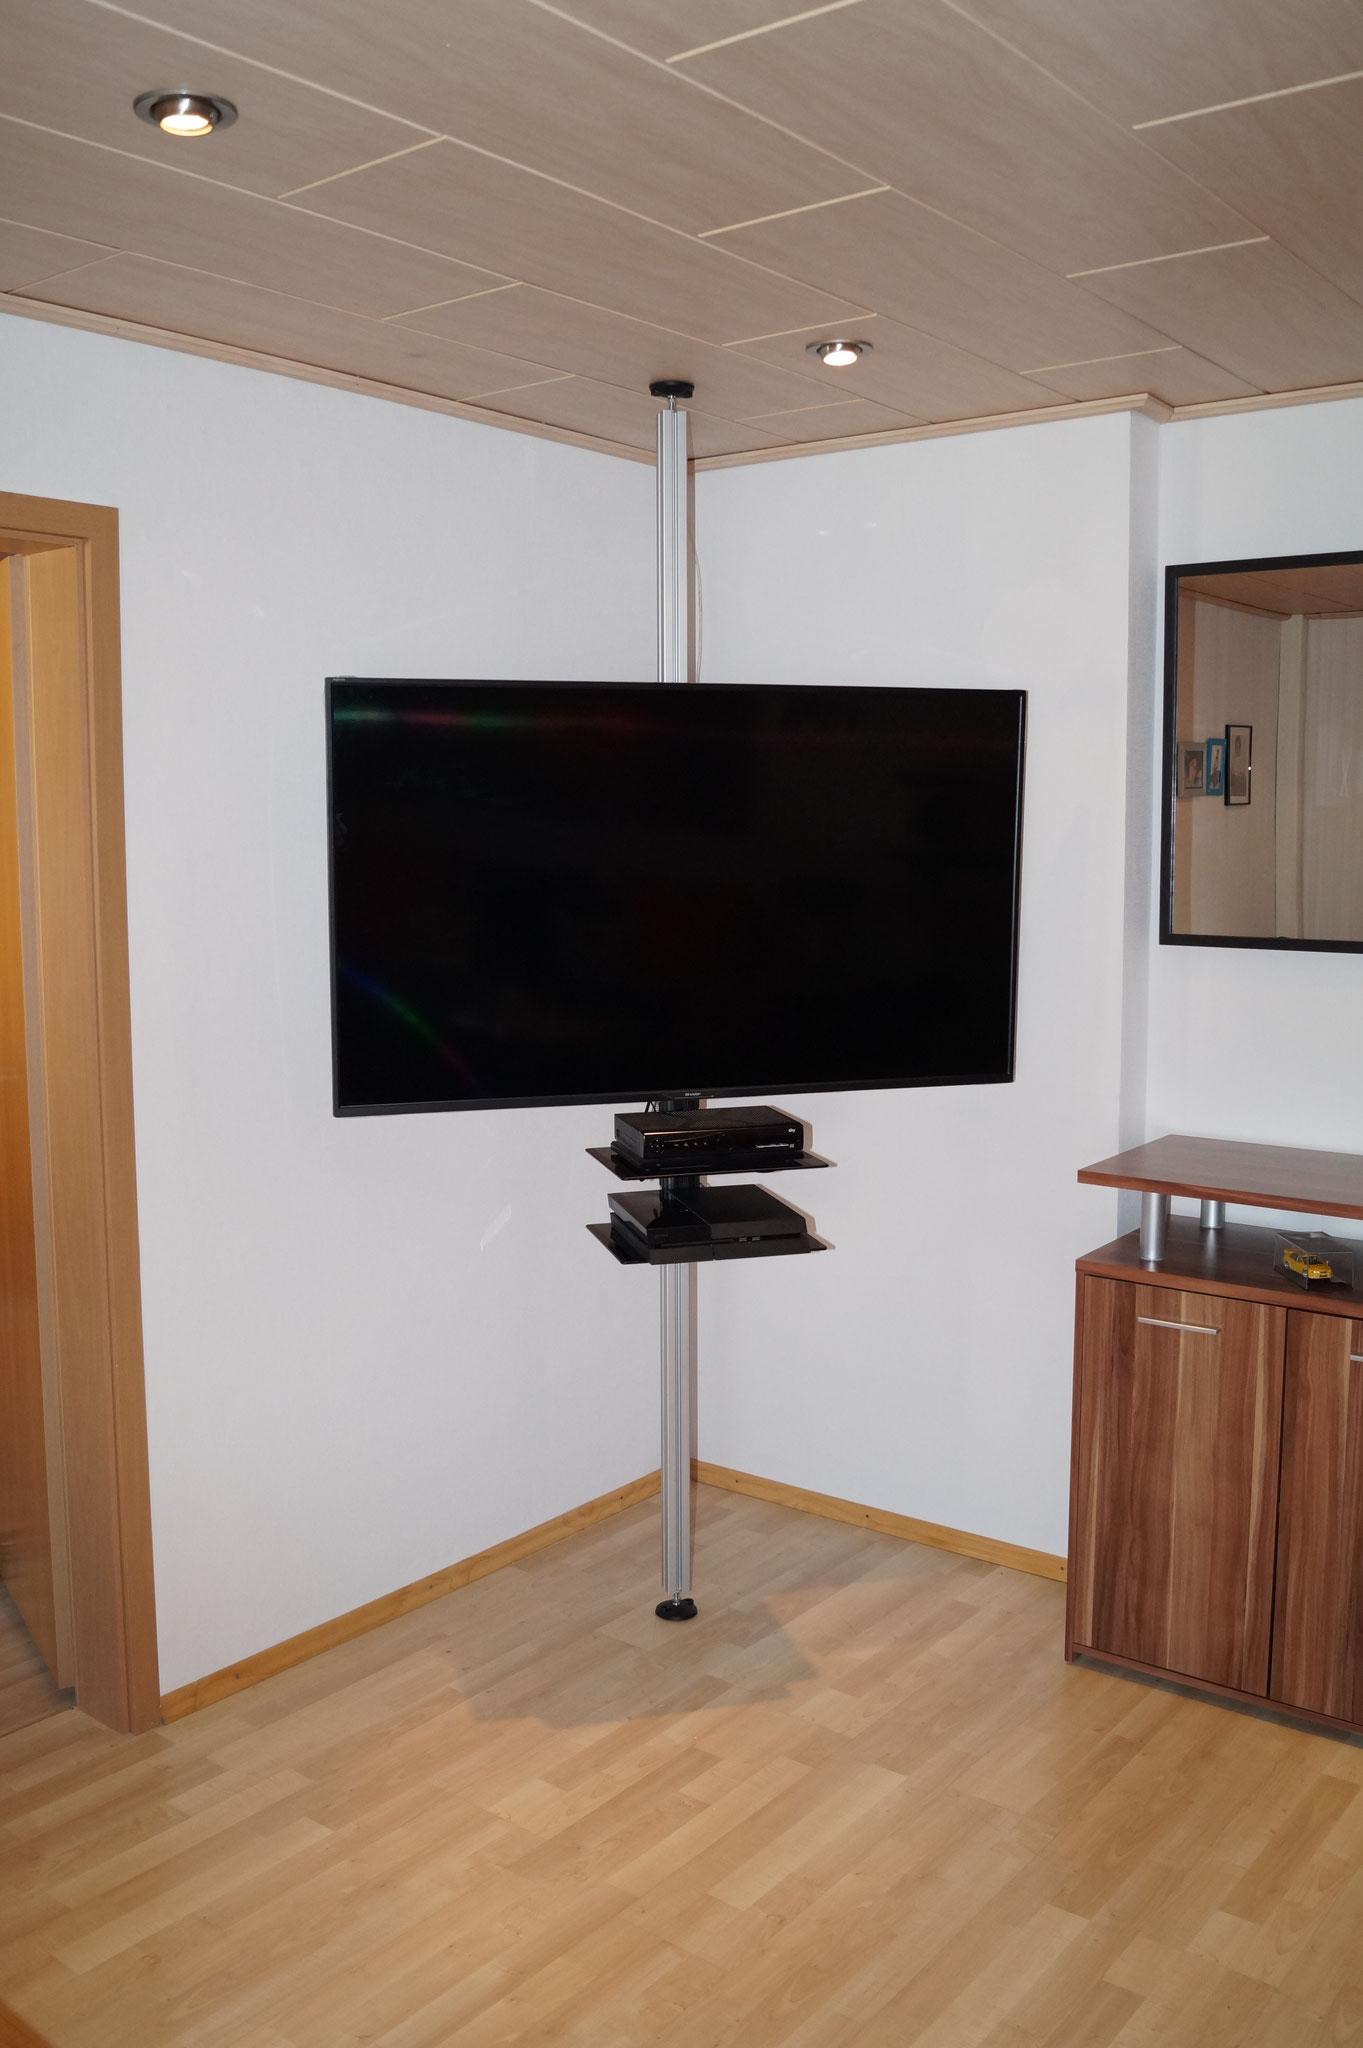 Drehbare TV-Stangen, TV Säulen im Vergleich - uni-prof-24